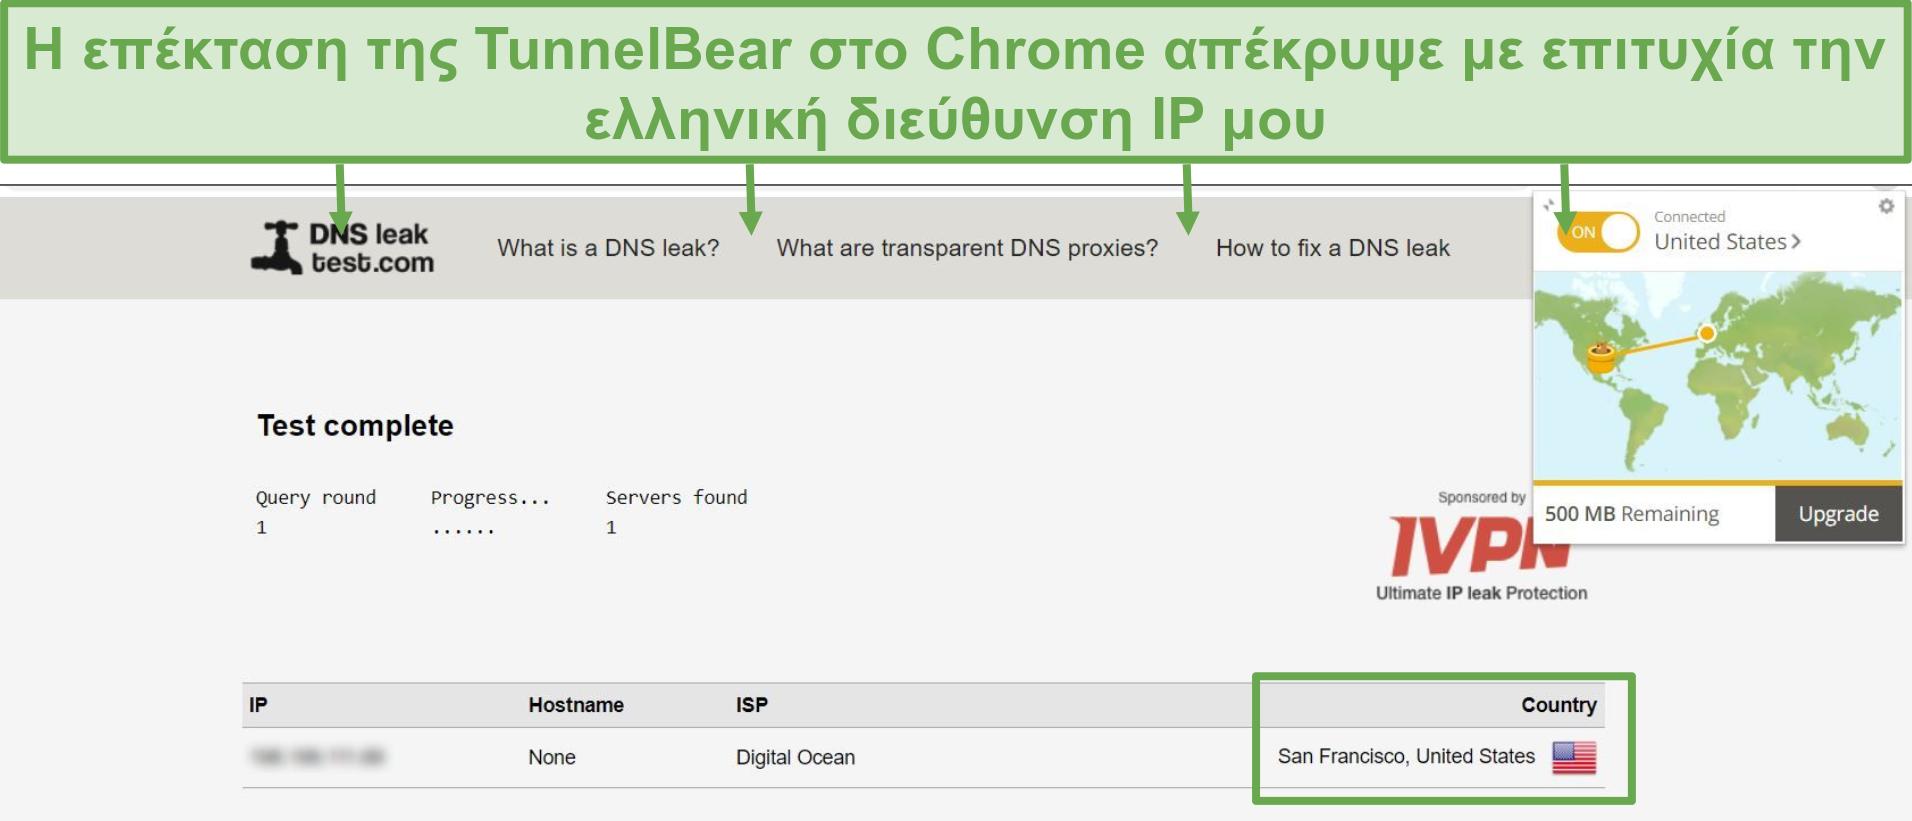 Στιγμιότυπο οθόνης των αποτελεσμάτων δοκιμής διαρροής DNS όταν συνδέεται στο TunnelBear.